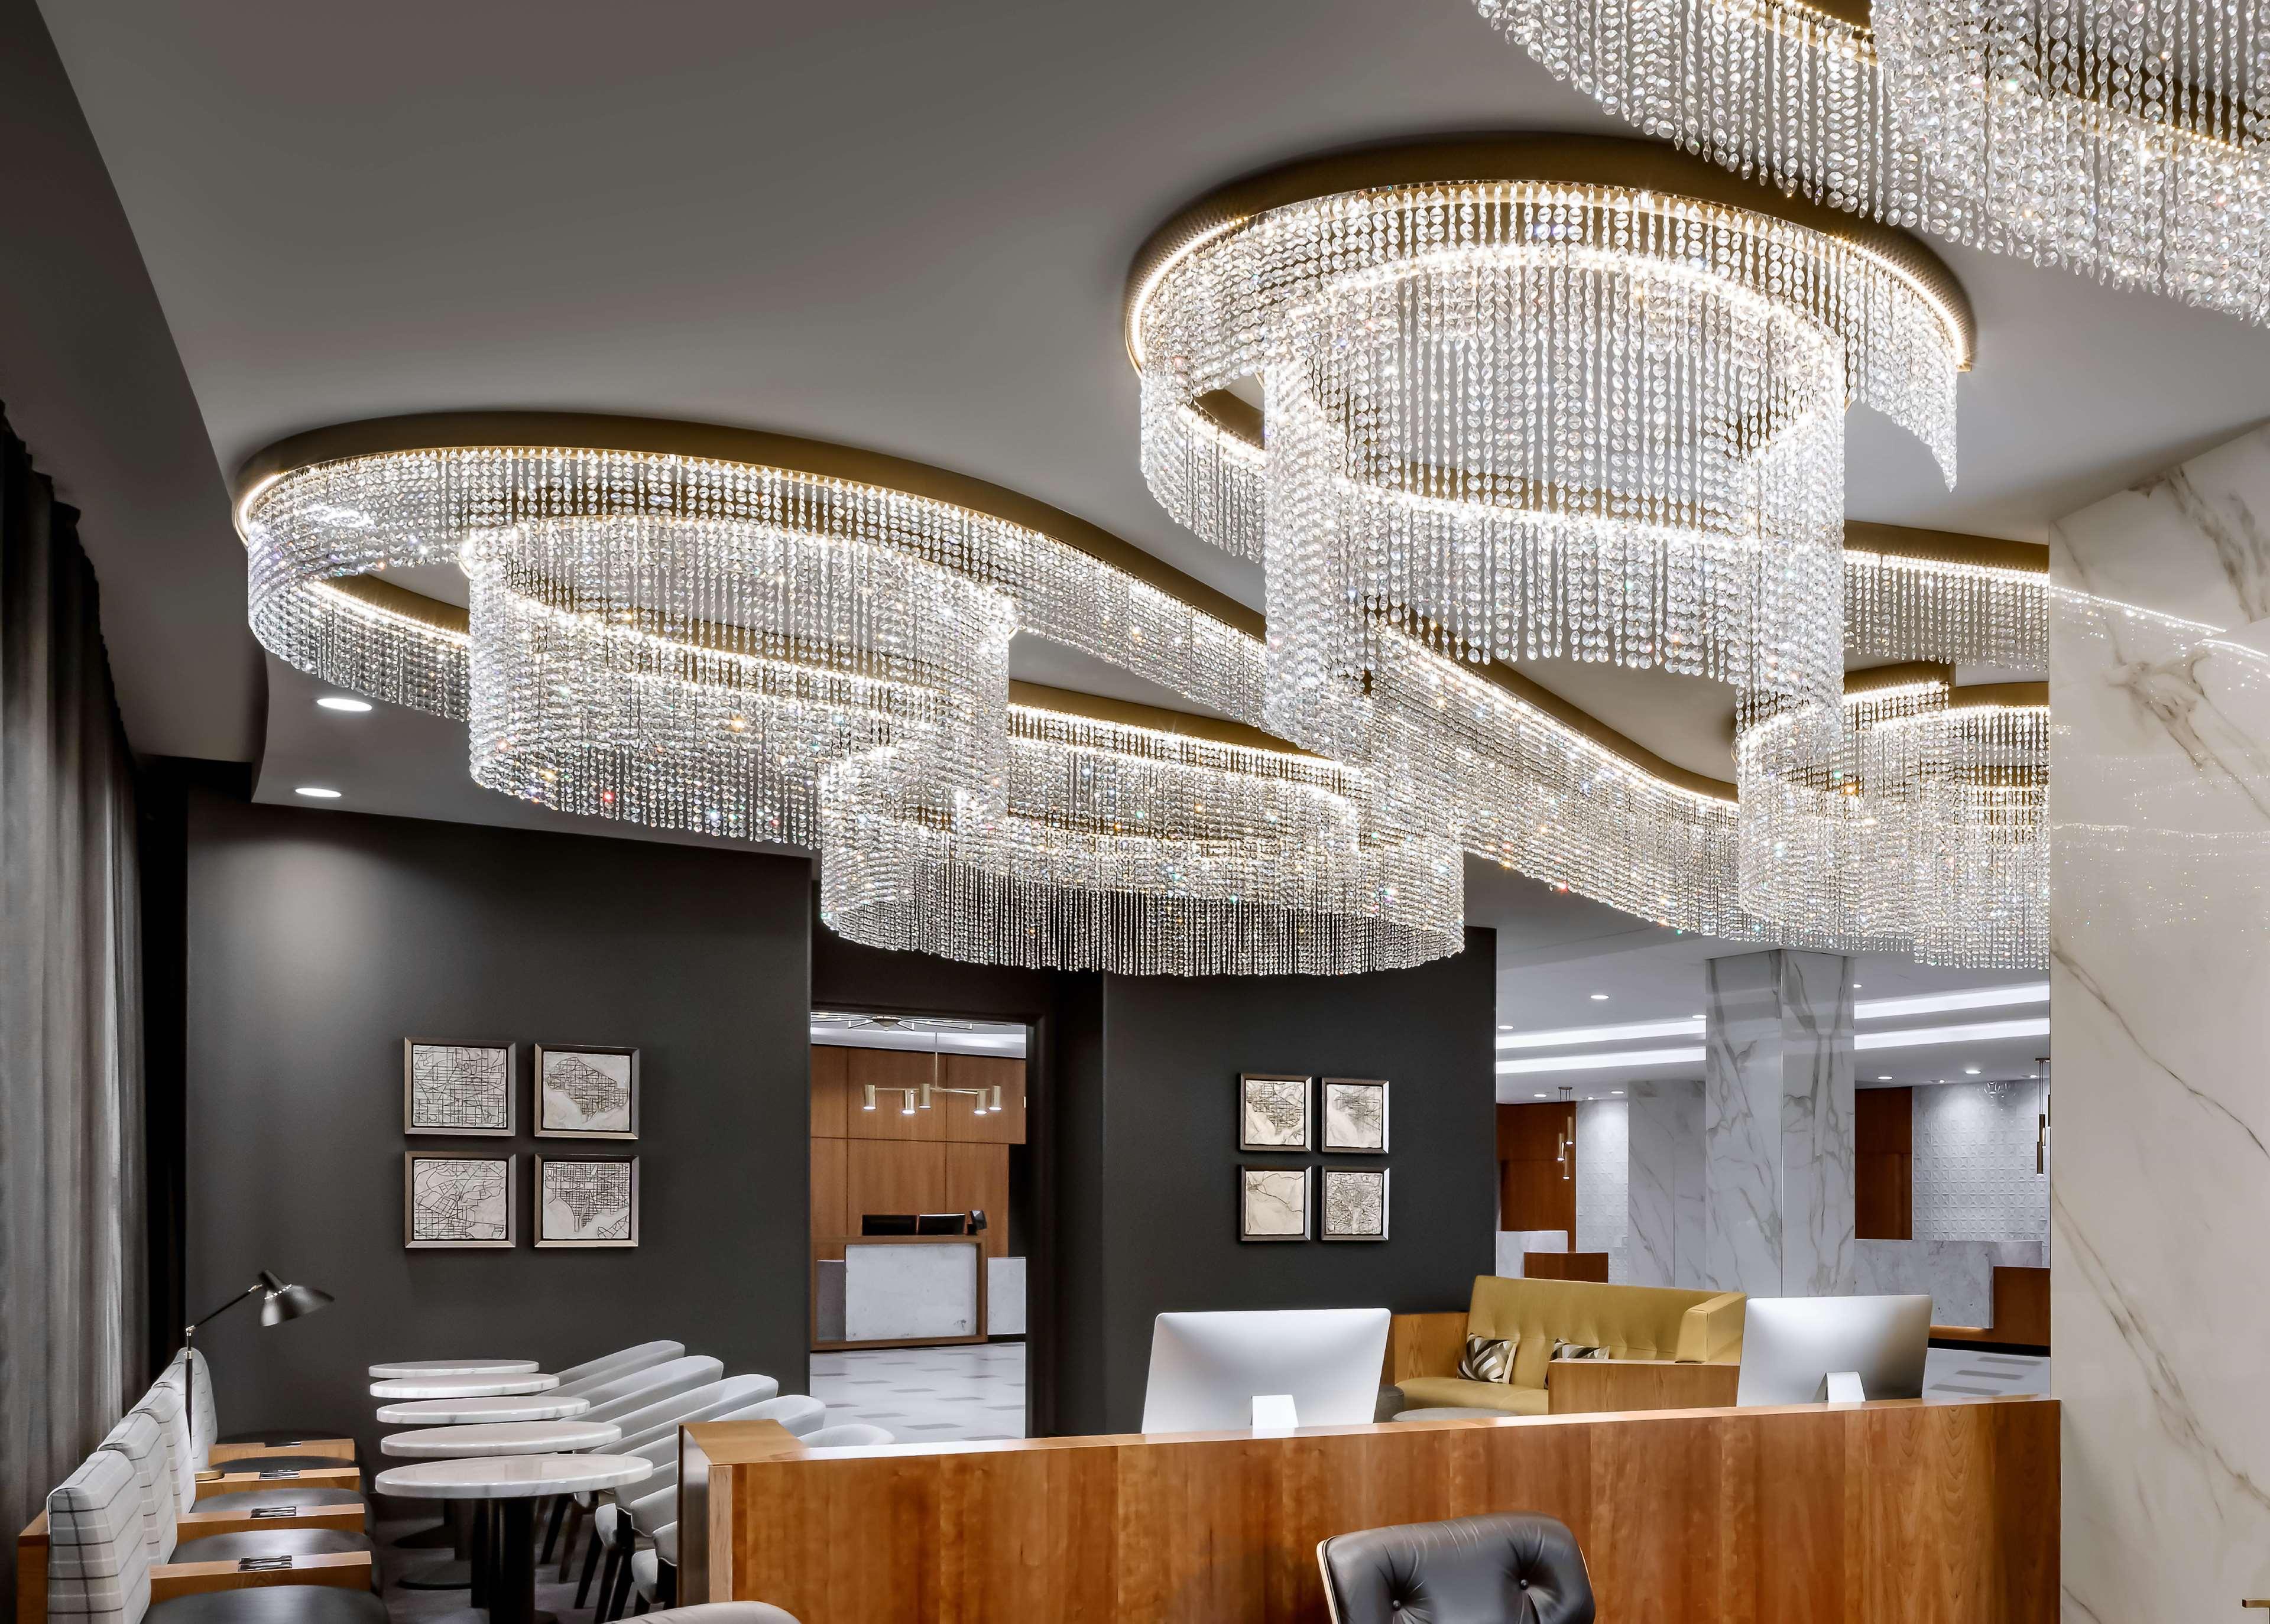 Washington Hilton image 2